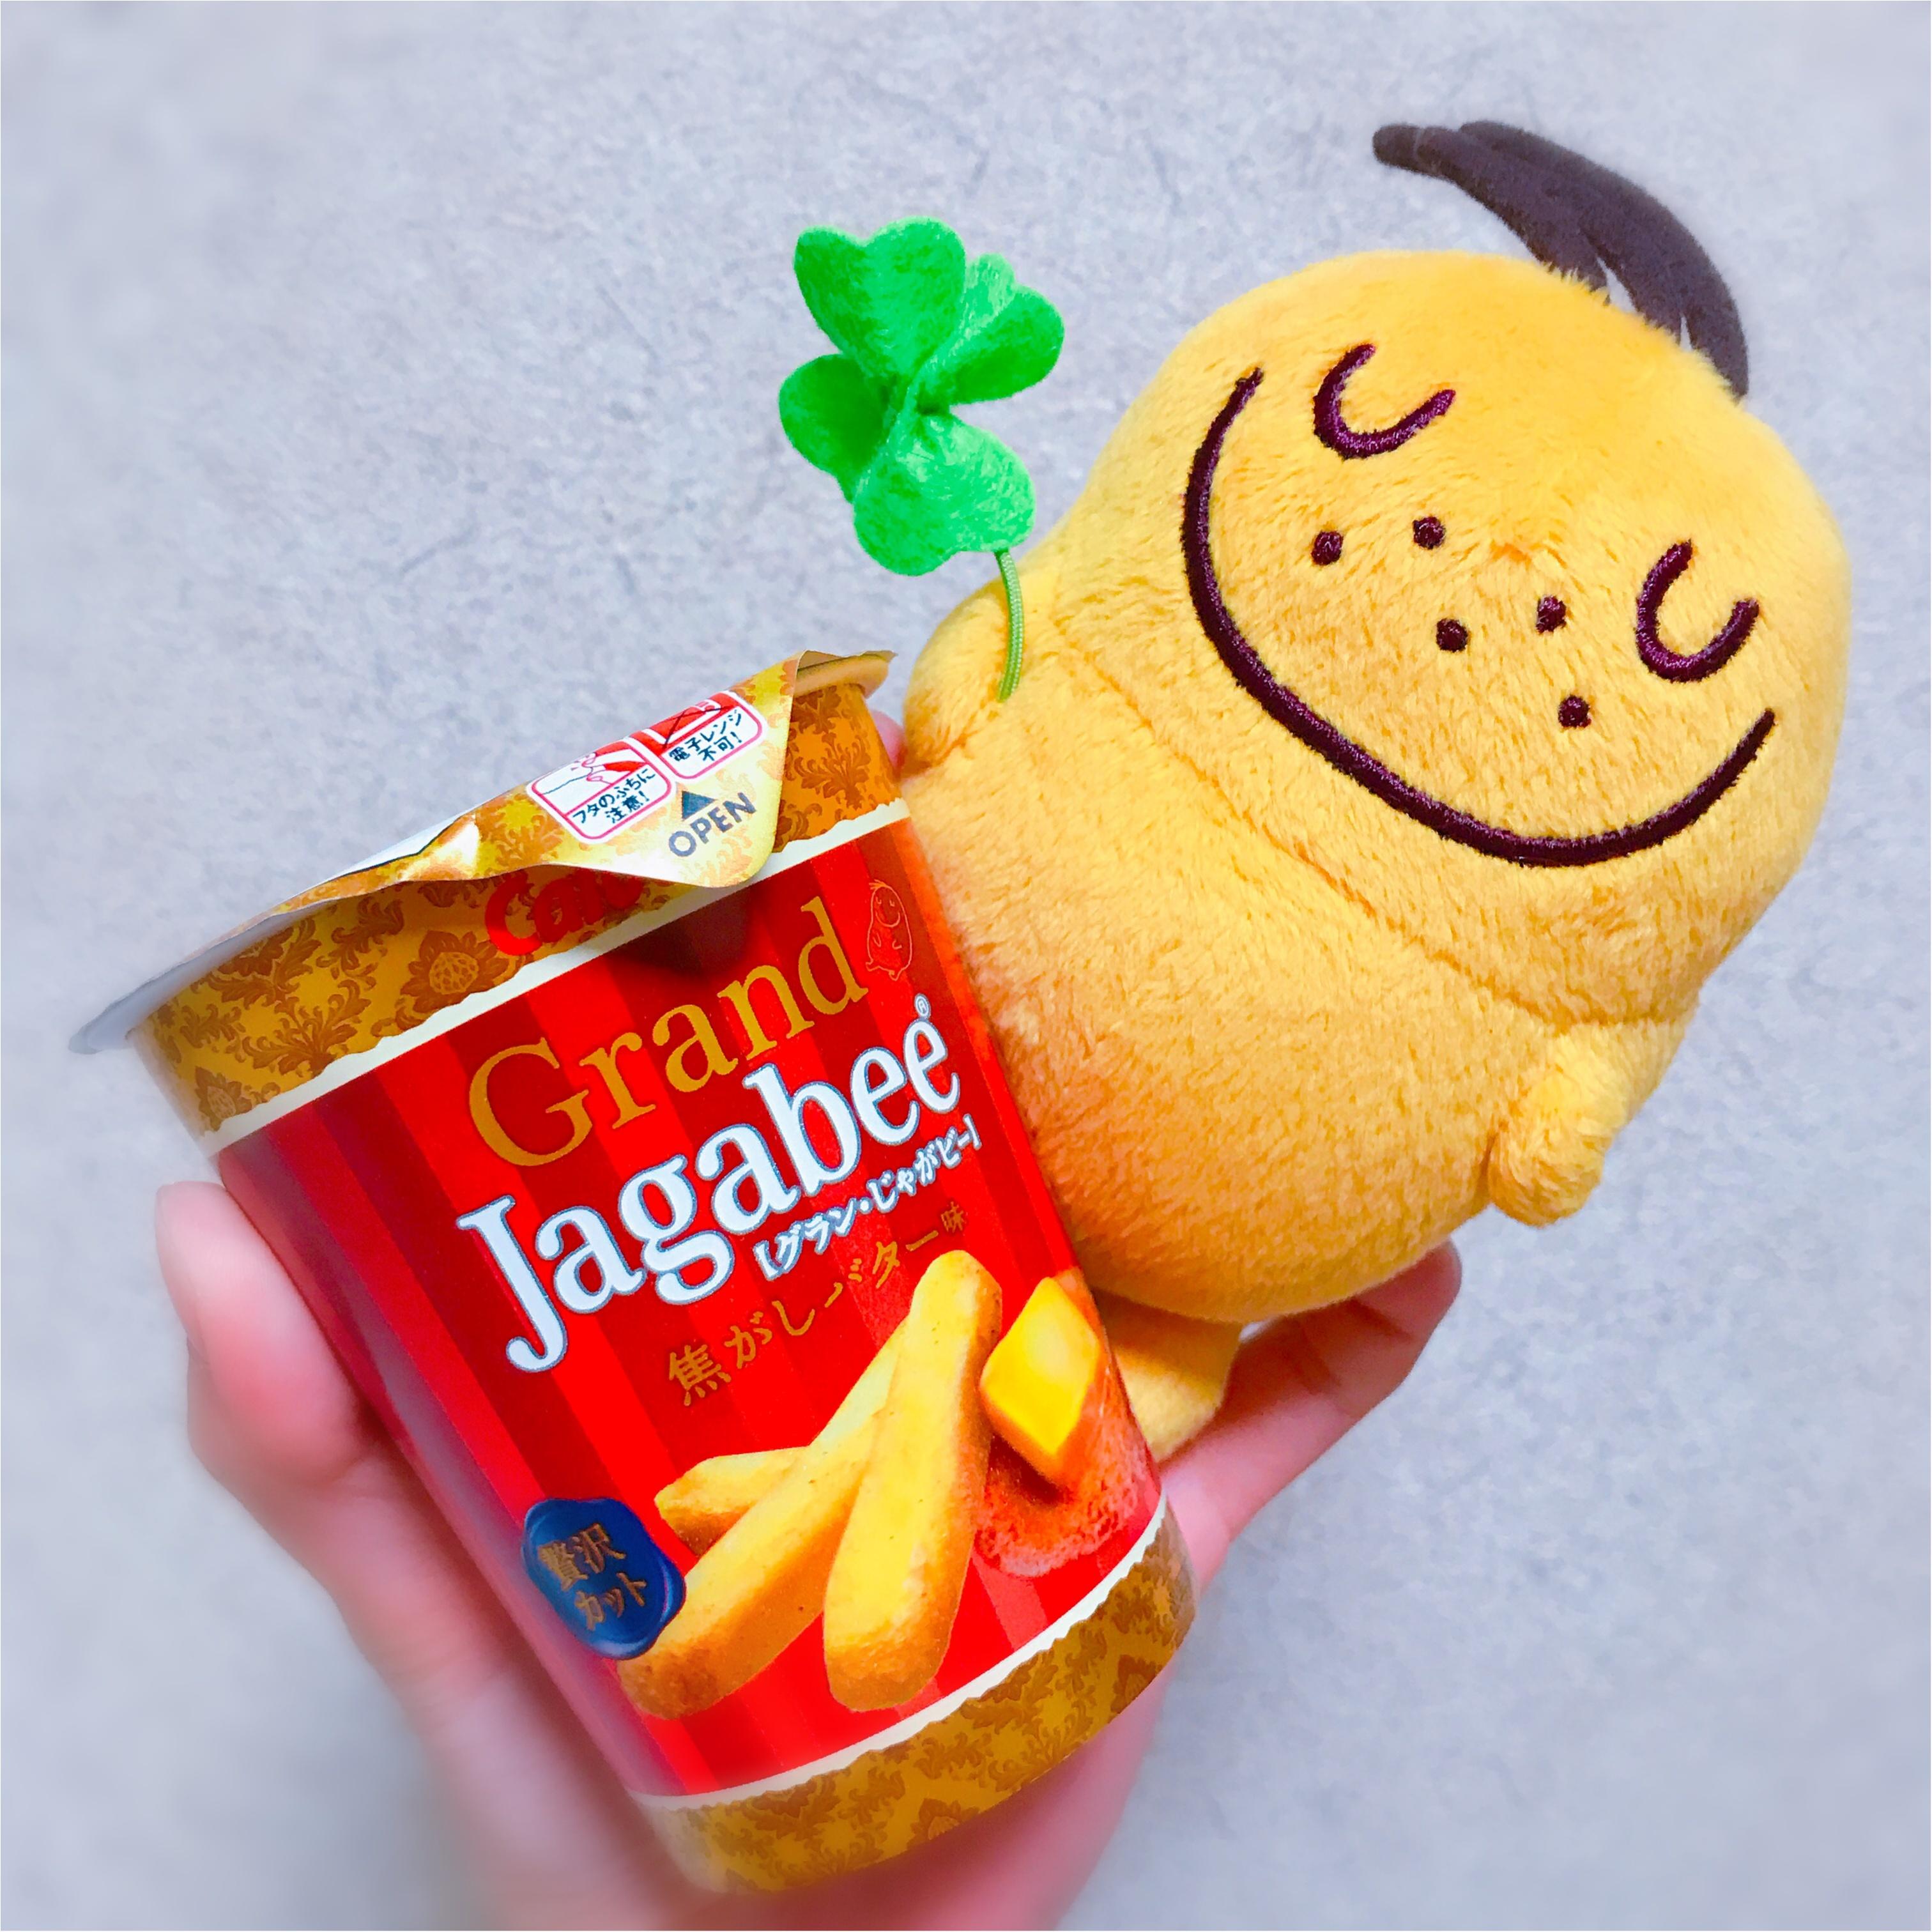 《今日のおやつはちょっぴり贅沢に》一度食べたらやみつきになる【Grand Jagabee】にまたまた新作登場♪_1